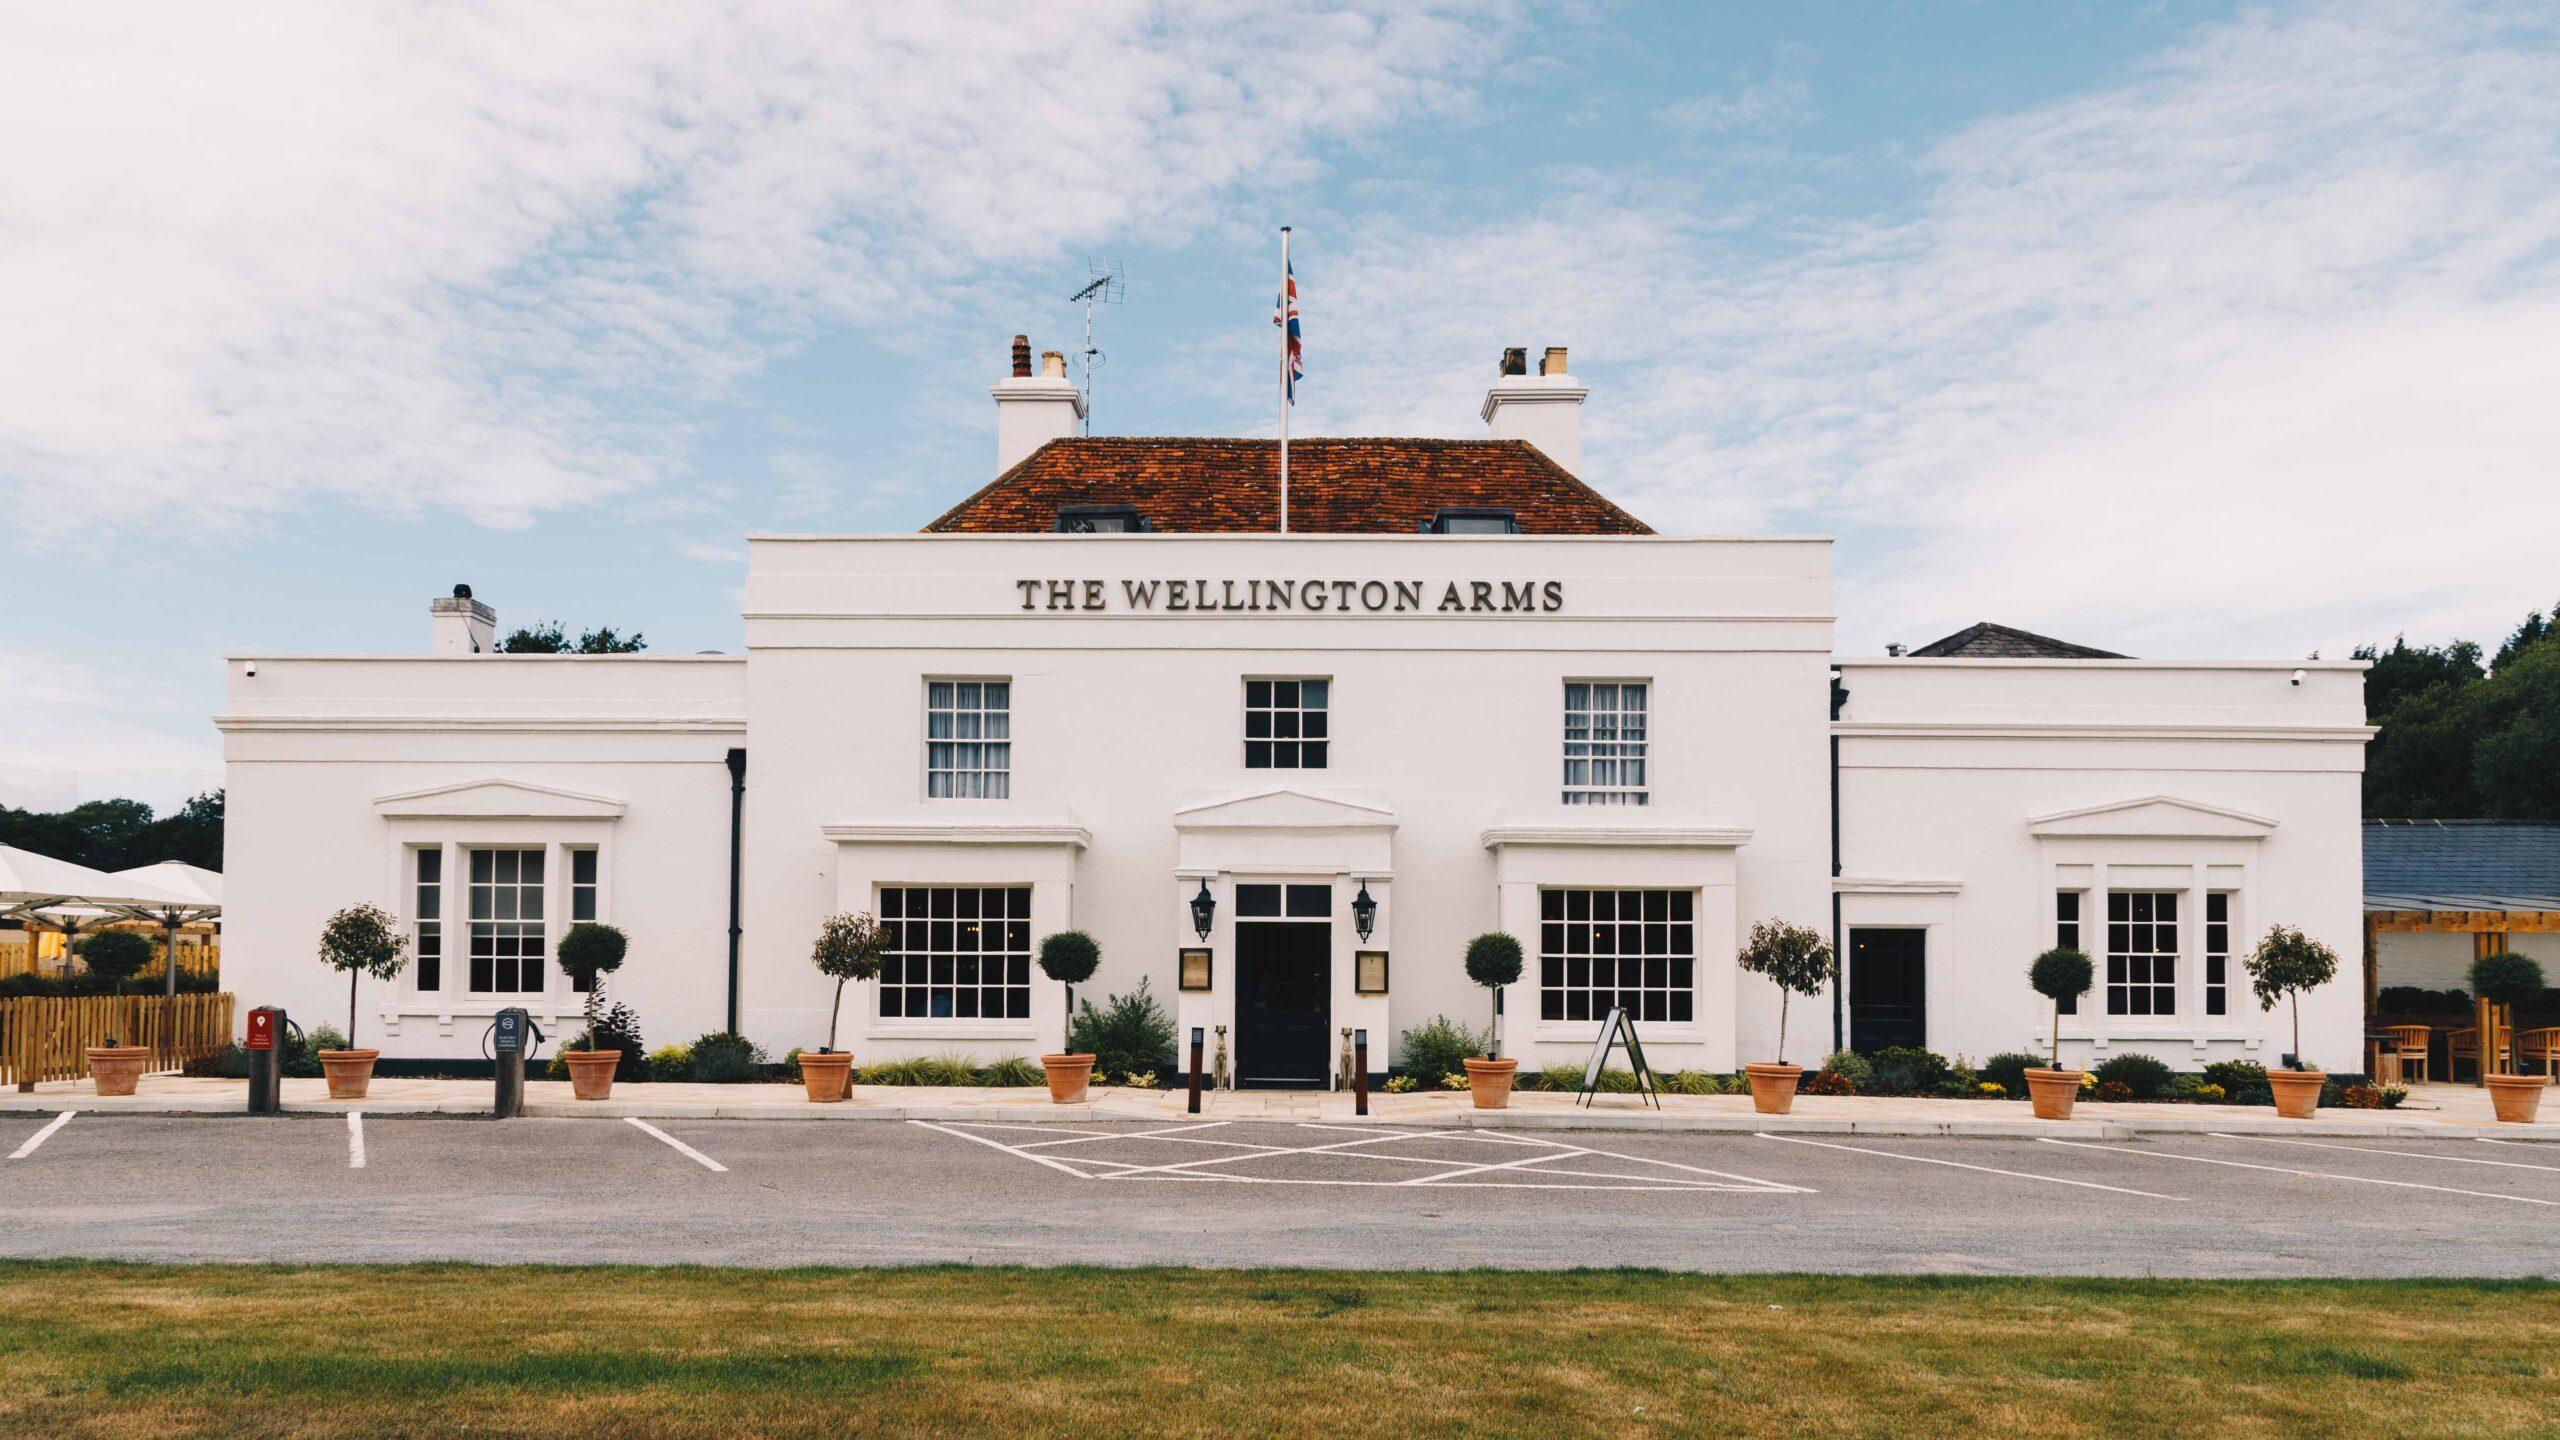 The Wellington Arms